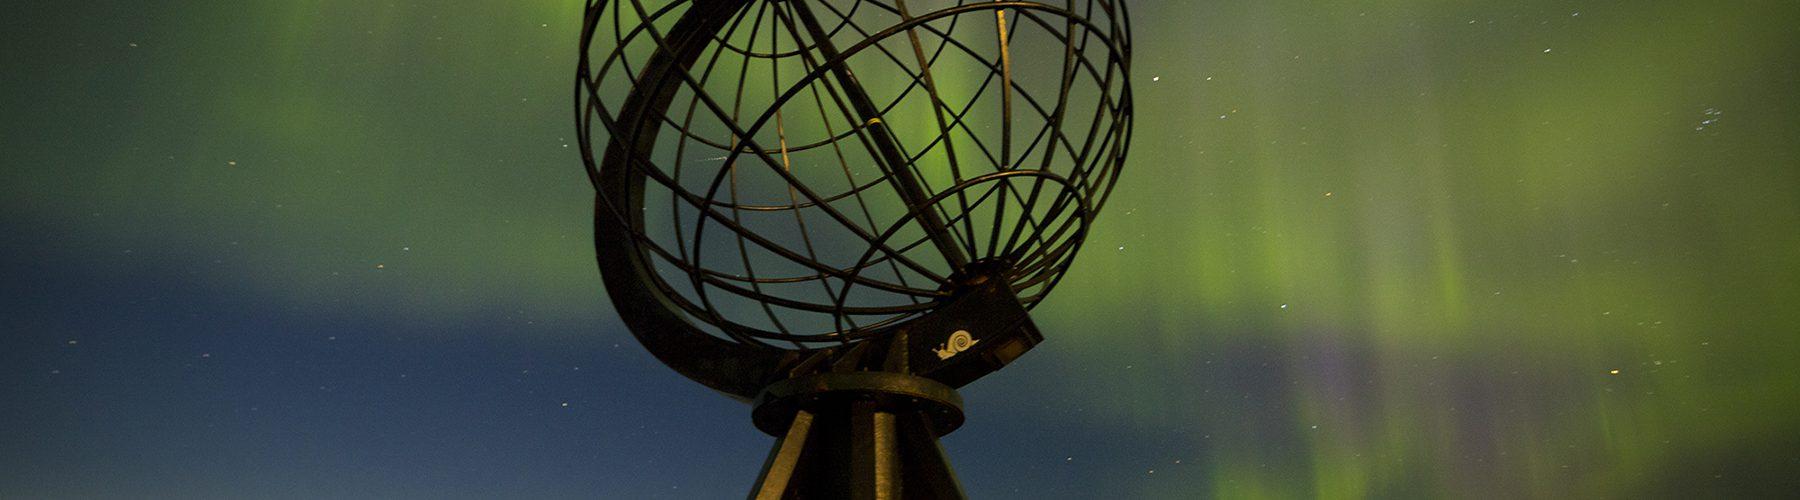 Die Nordkap-Kugel mit Polarlichtern